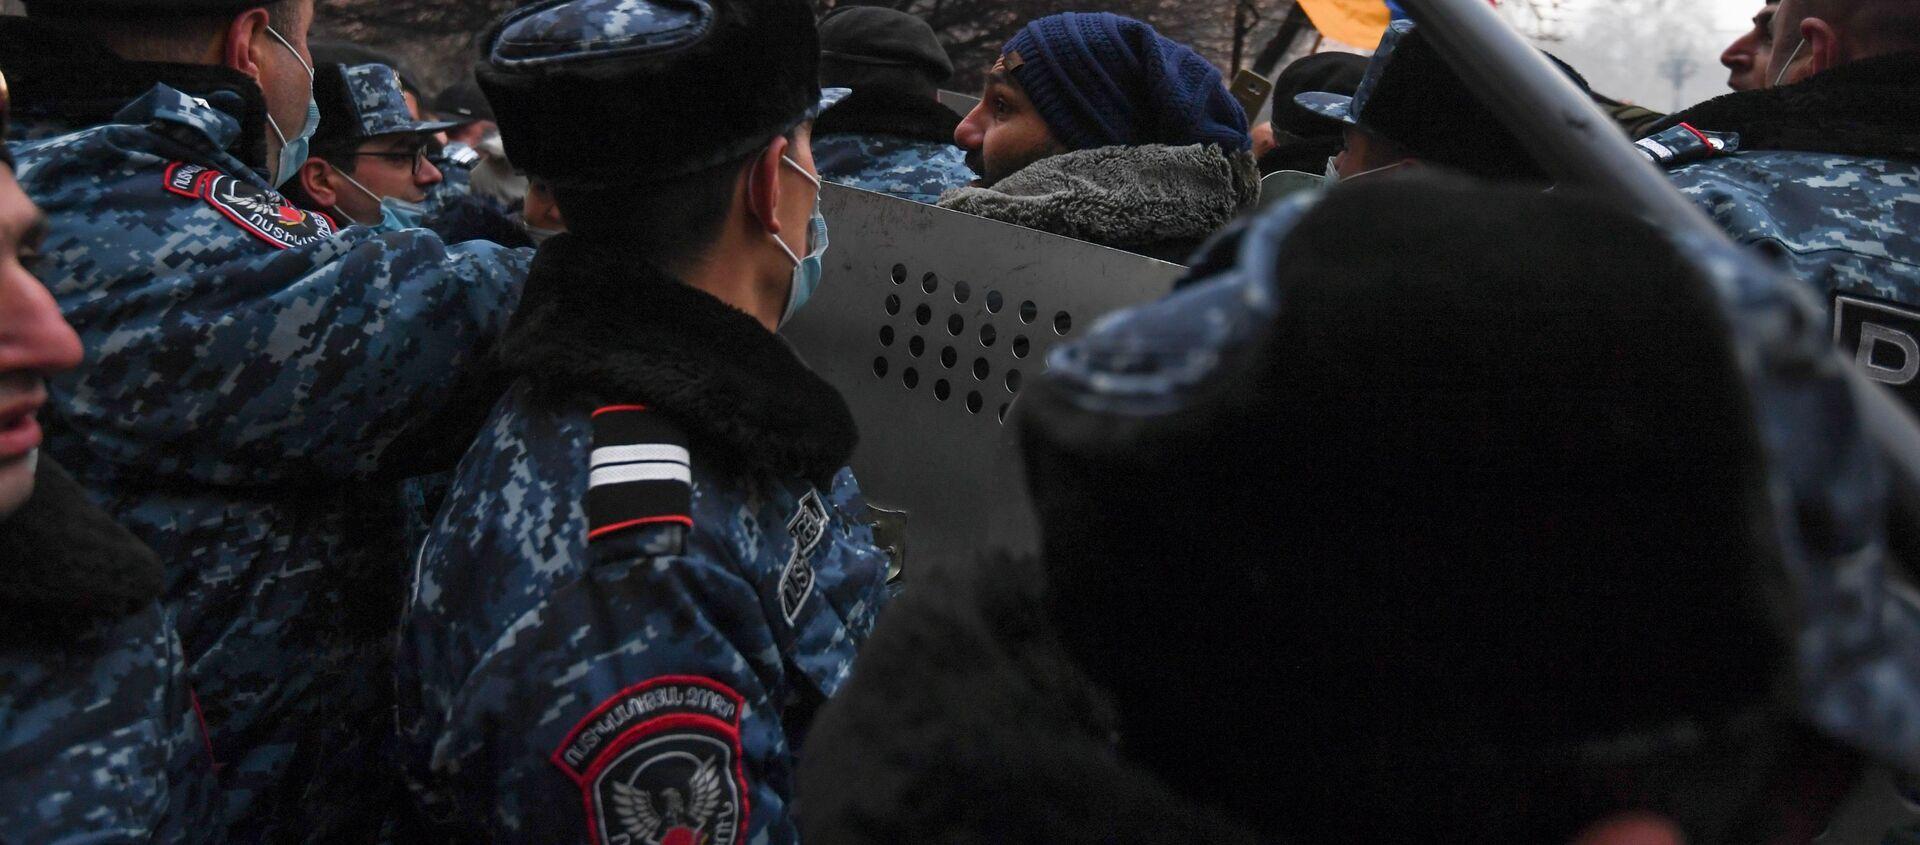 Protesty w Erywaniu. - Sputnik Polska, 1920, 24.02.2021